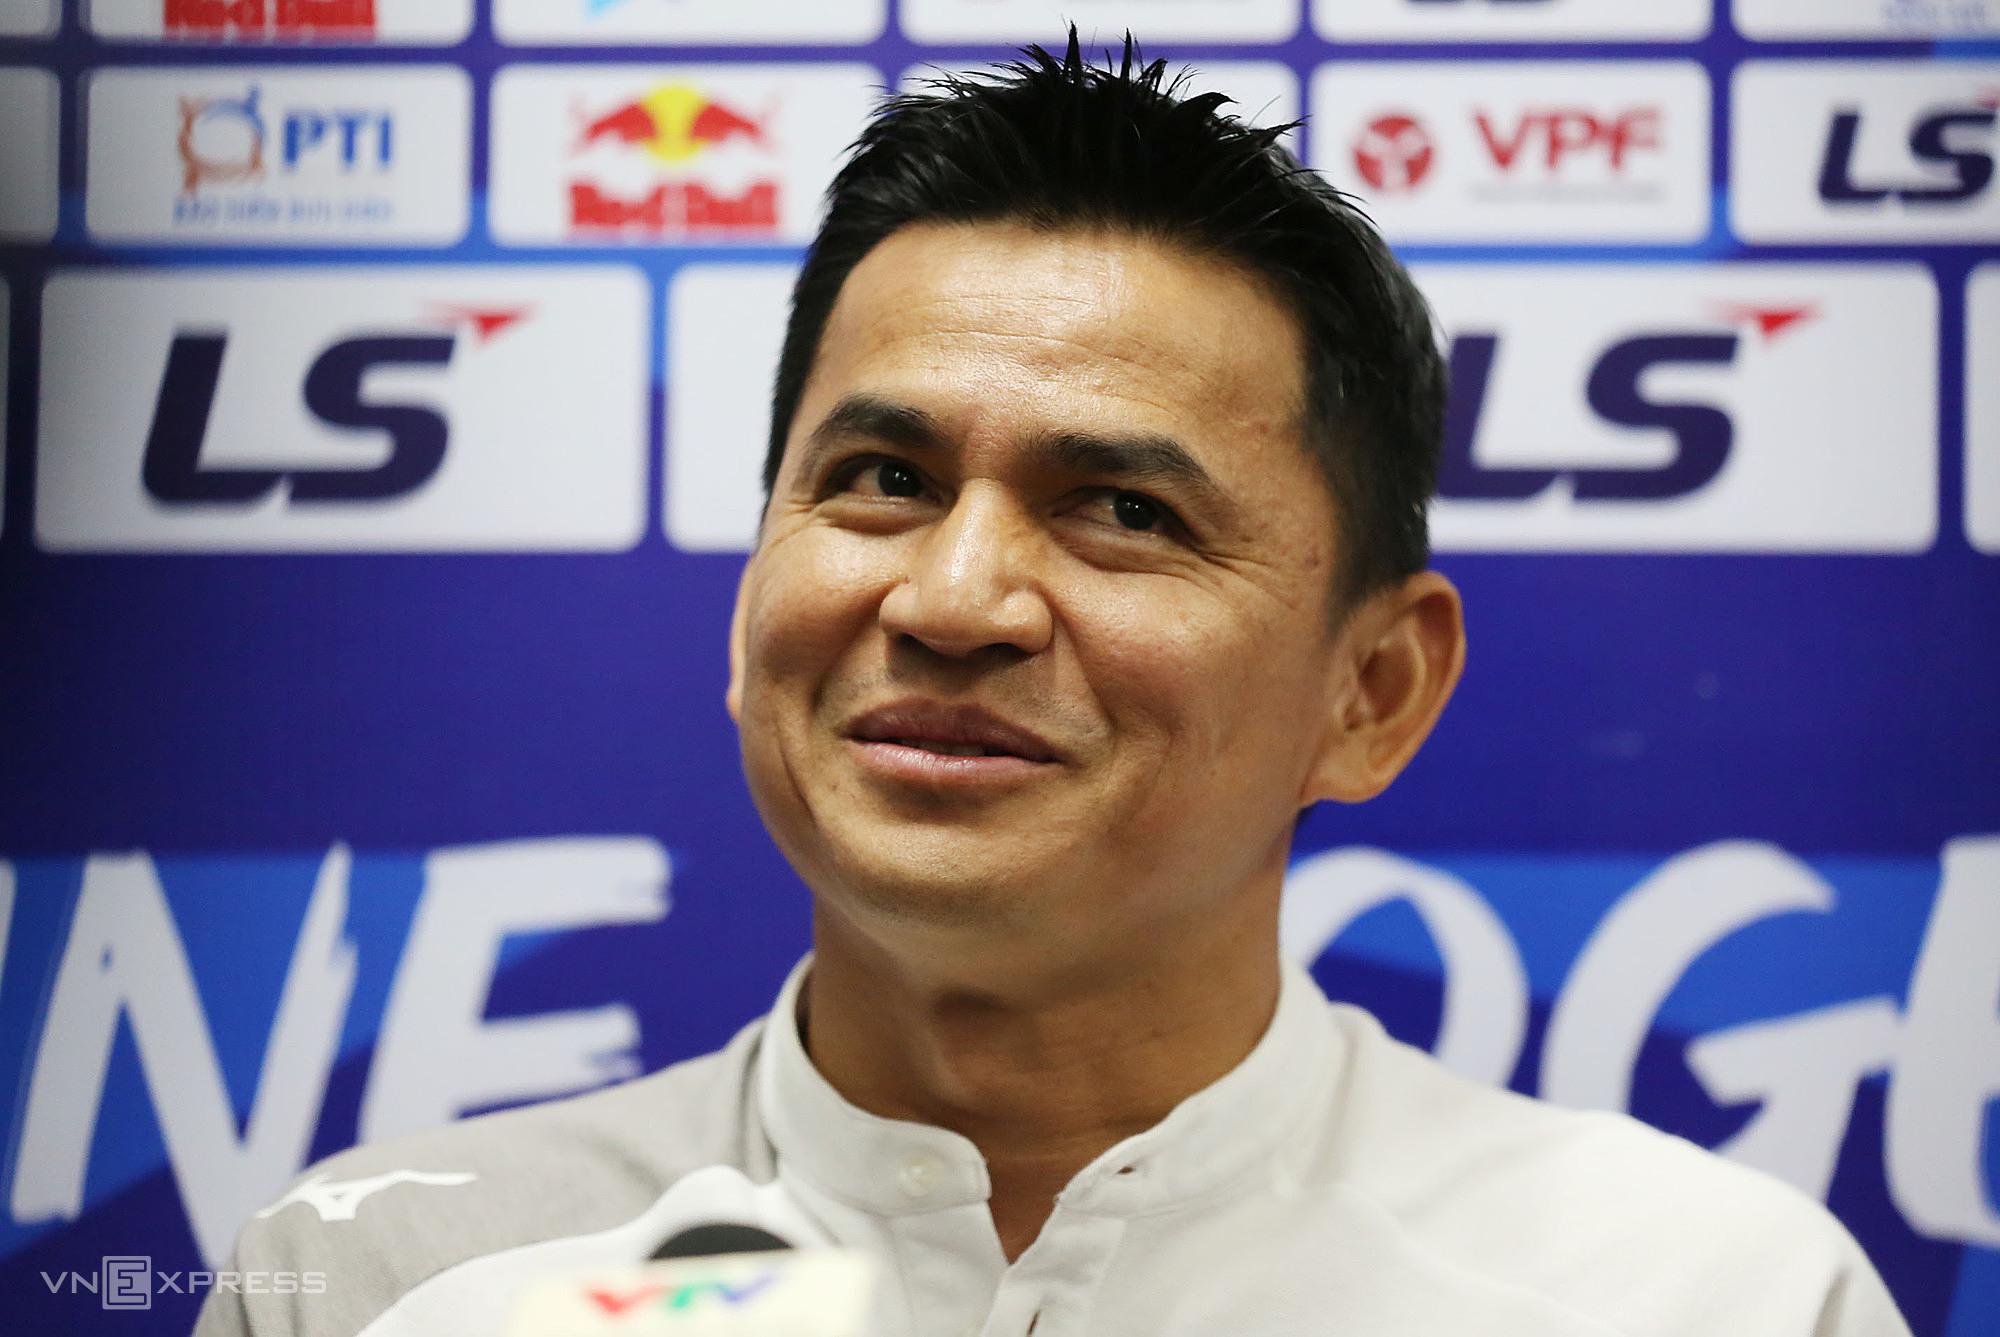 HAGL Kiatisuk đánh giá trận gặp Hà Nội là khó khăn nhất từ đầu giải. Ảnh: Đức Đồng.